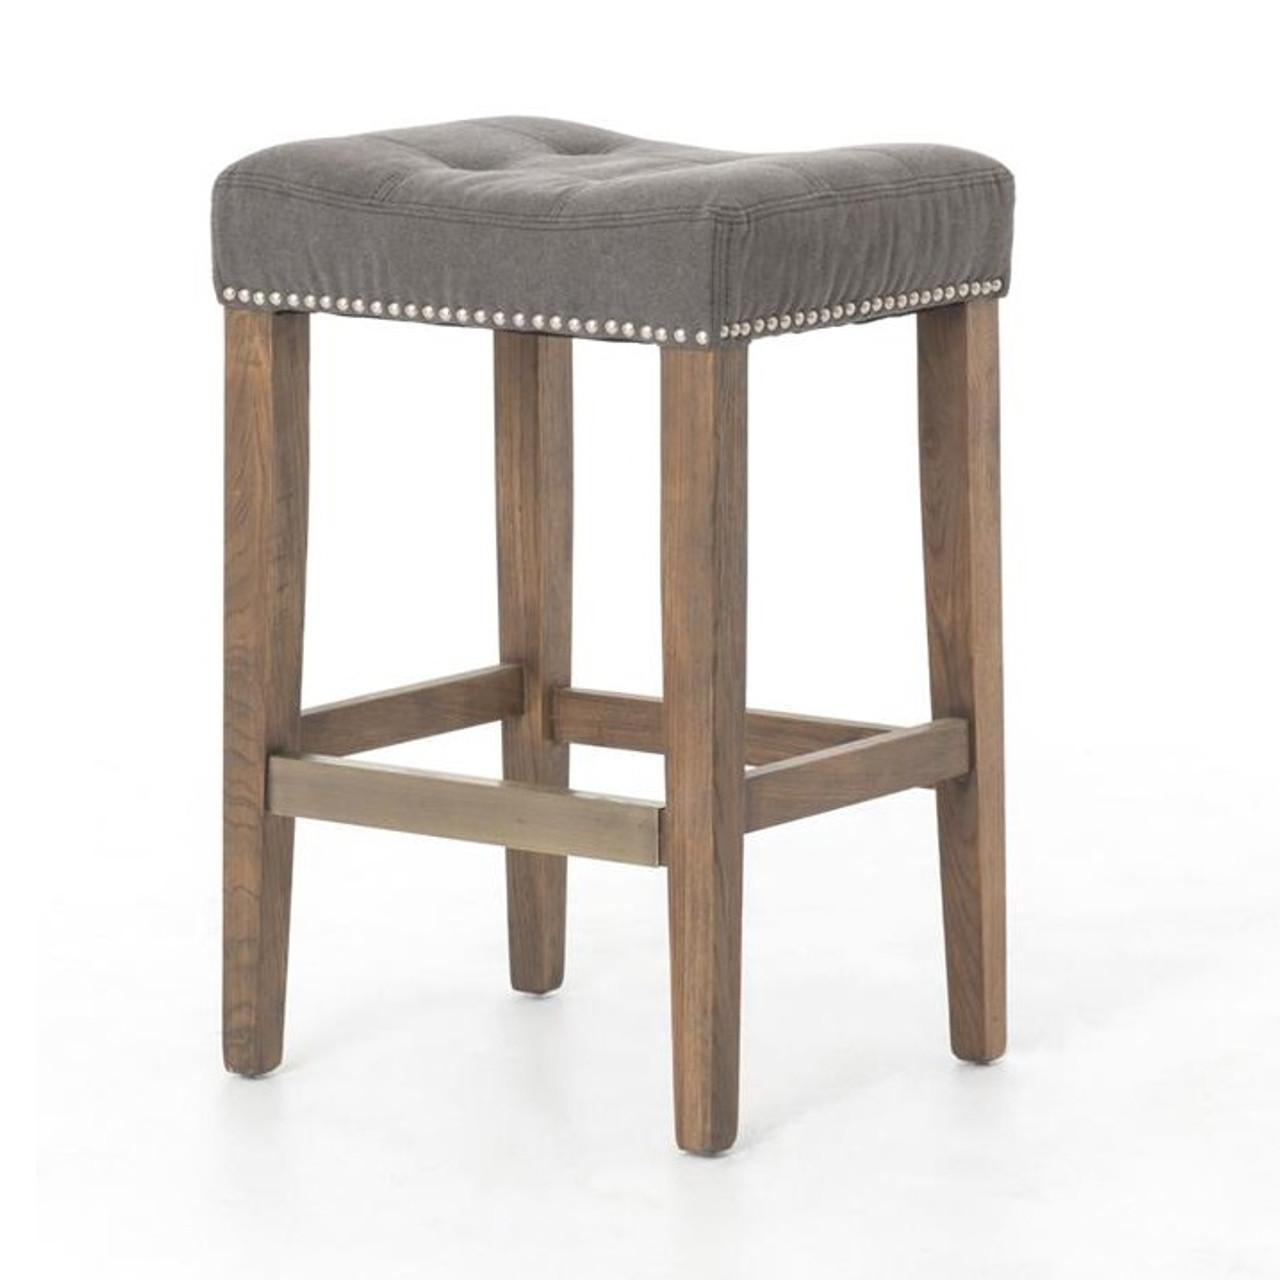 ashford french grey tufted nailhead bar stool